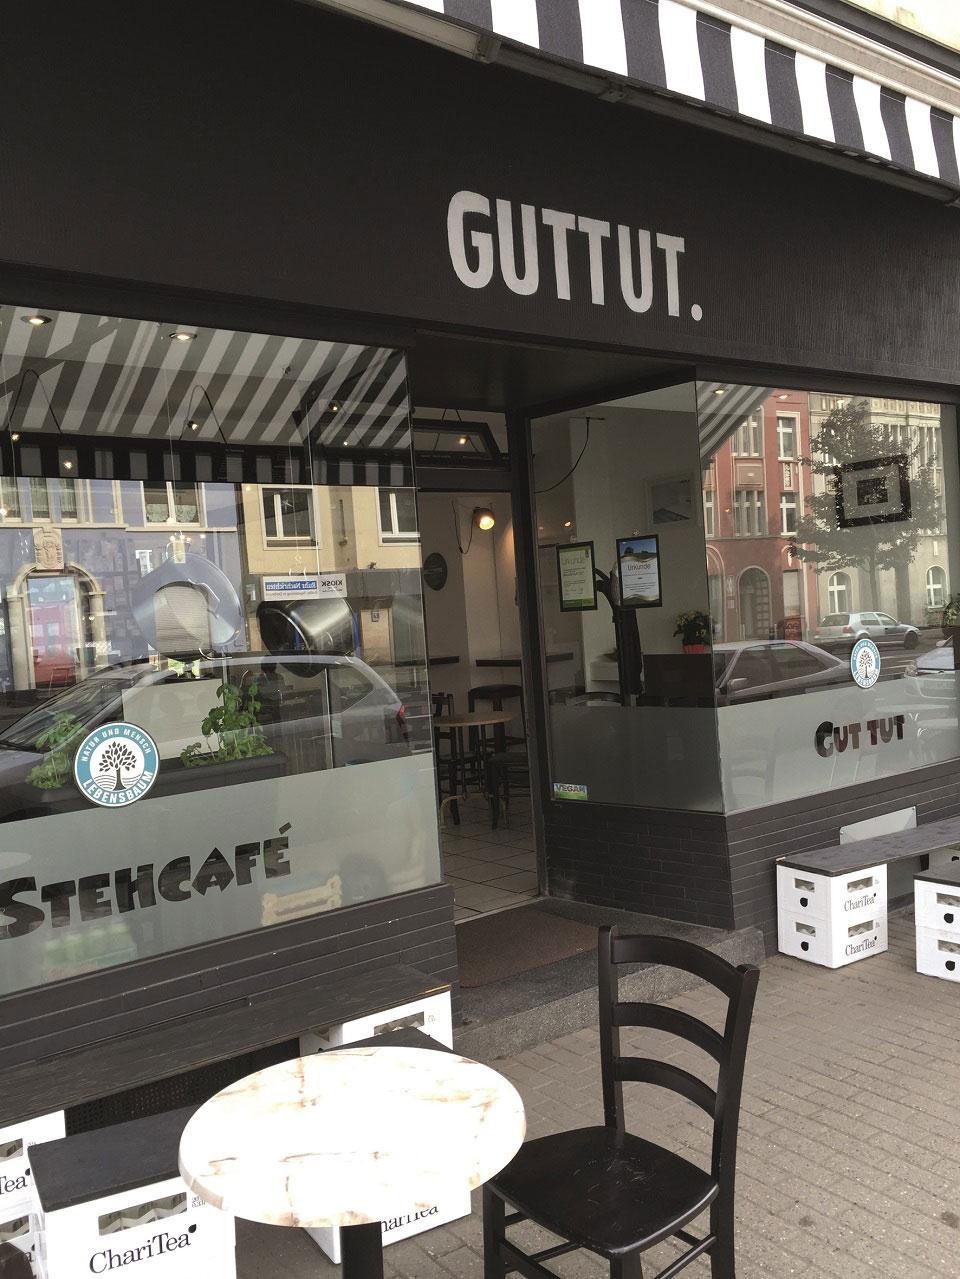 Vor dem Restaurant Guttut in Dortmund laden schwarze und weiße Möbel sowie Hocker aus Getränkekisten zum Schlemmen in der Sonne ein.